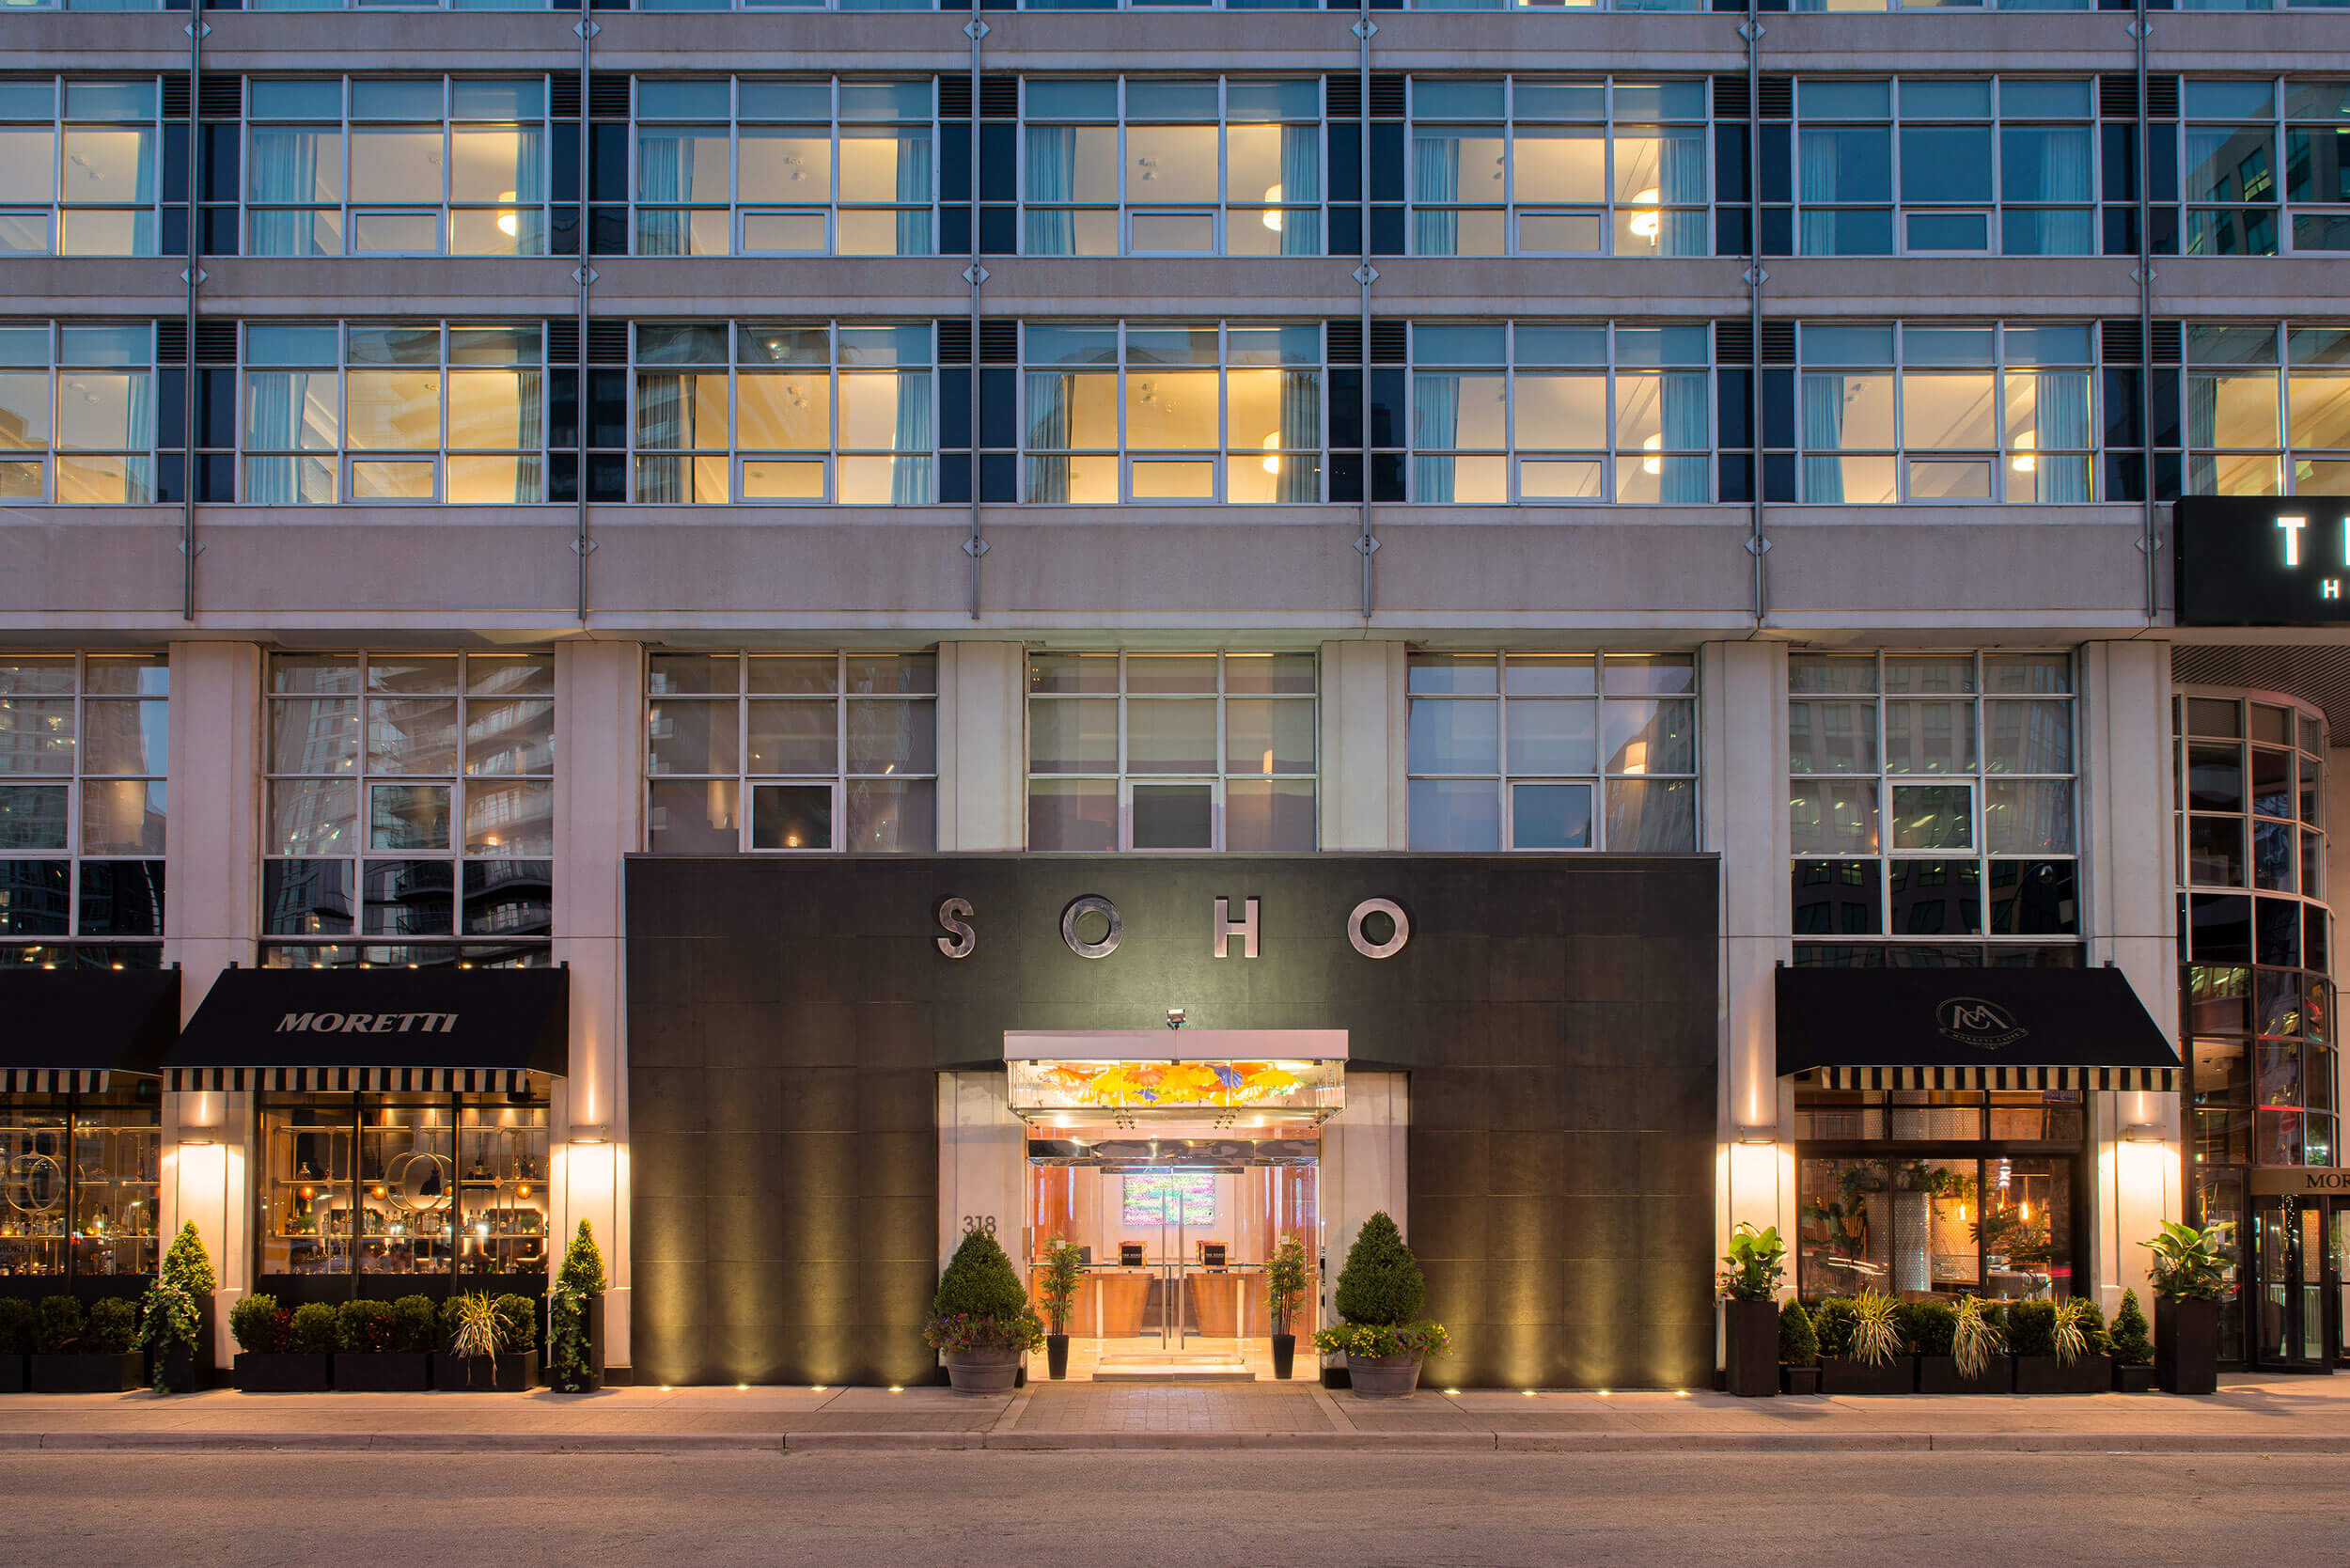 The Soho Hotel & Residences front entrance at dusk